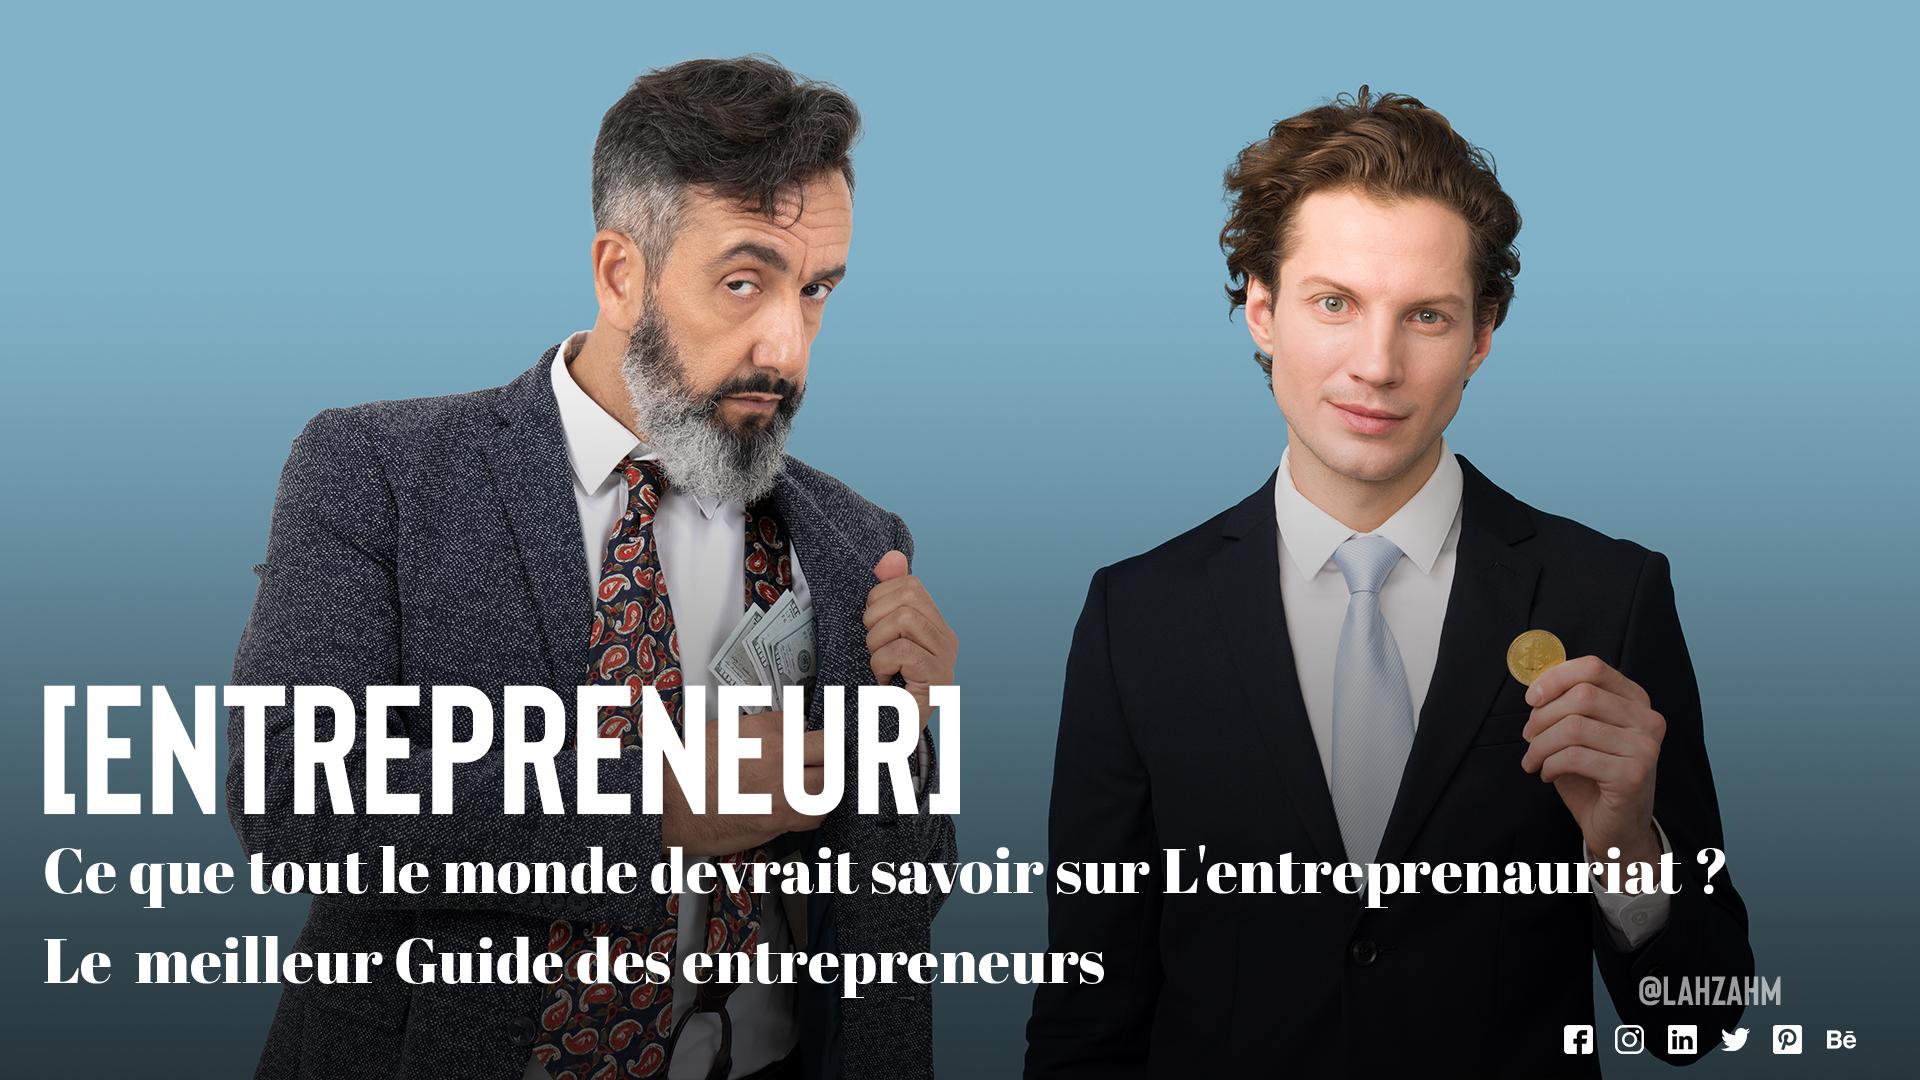 Ce que tout le monde devait savoir sur l'entrepreneuriat ? Le meilleur guide des entrepreneurs !